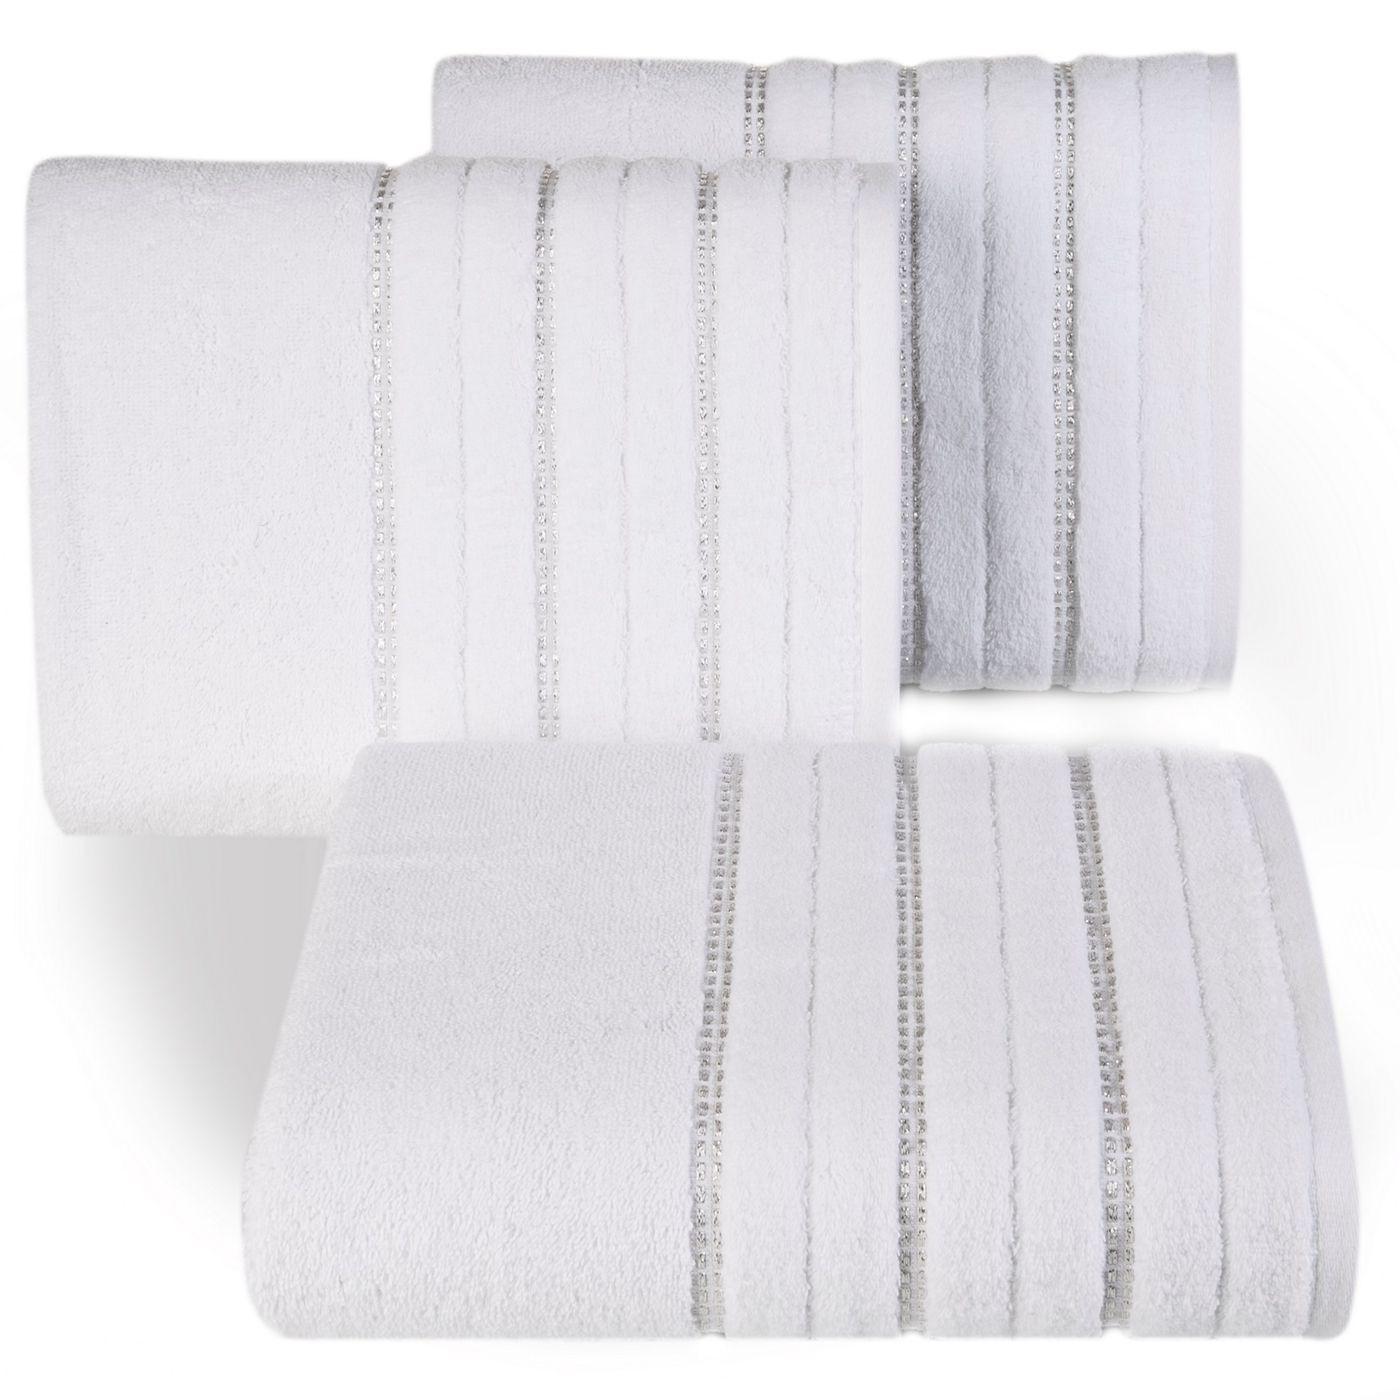 Biały ręcznik kąpielowy z metaliczną nicią - 50x90 cm